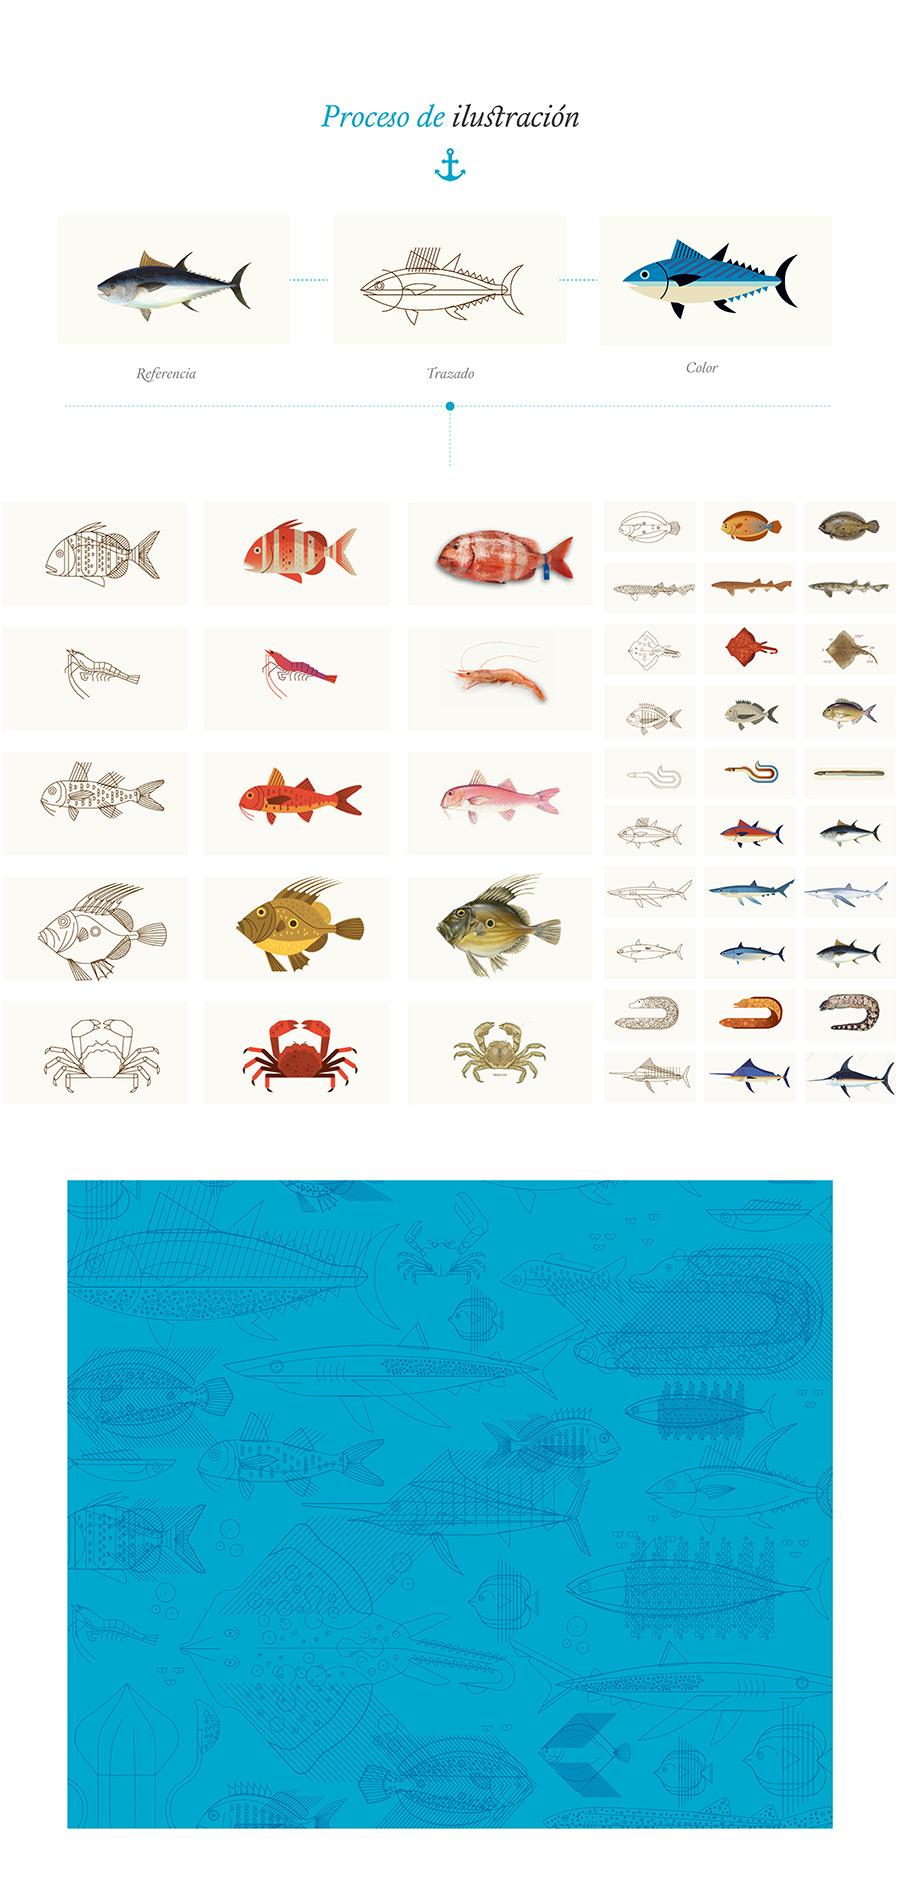 Proceso ilustración peces